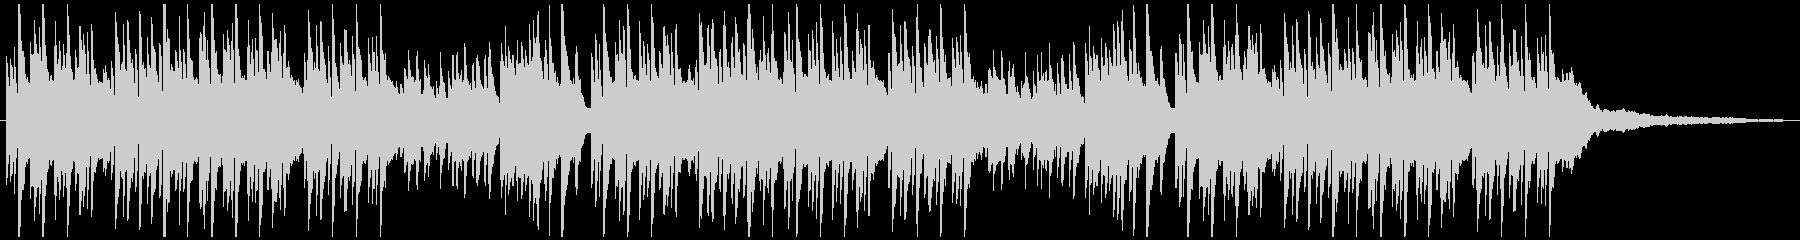 優しい雰囲気のピアノ曲(6/8拍子)の未再生の波形